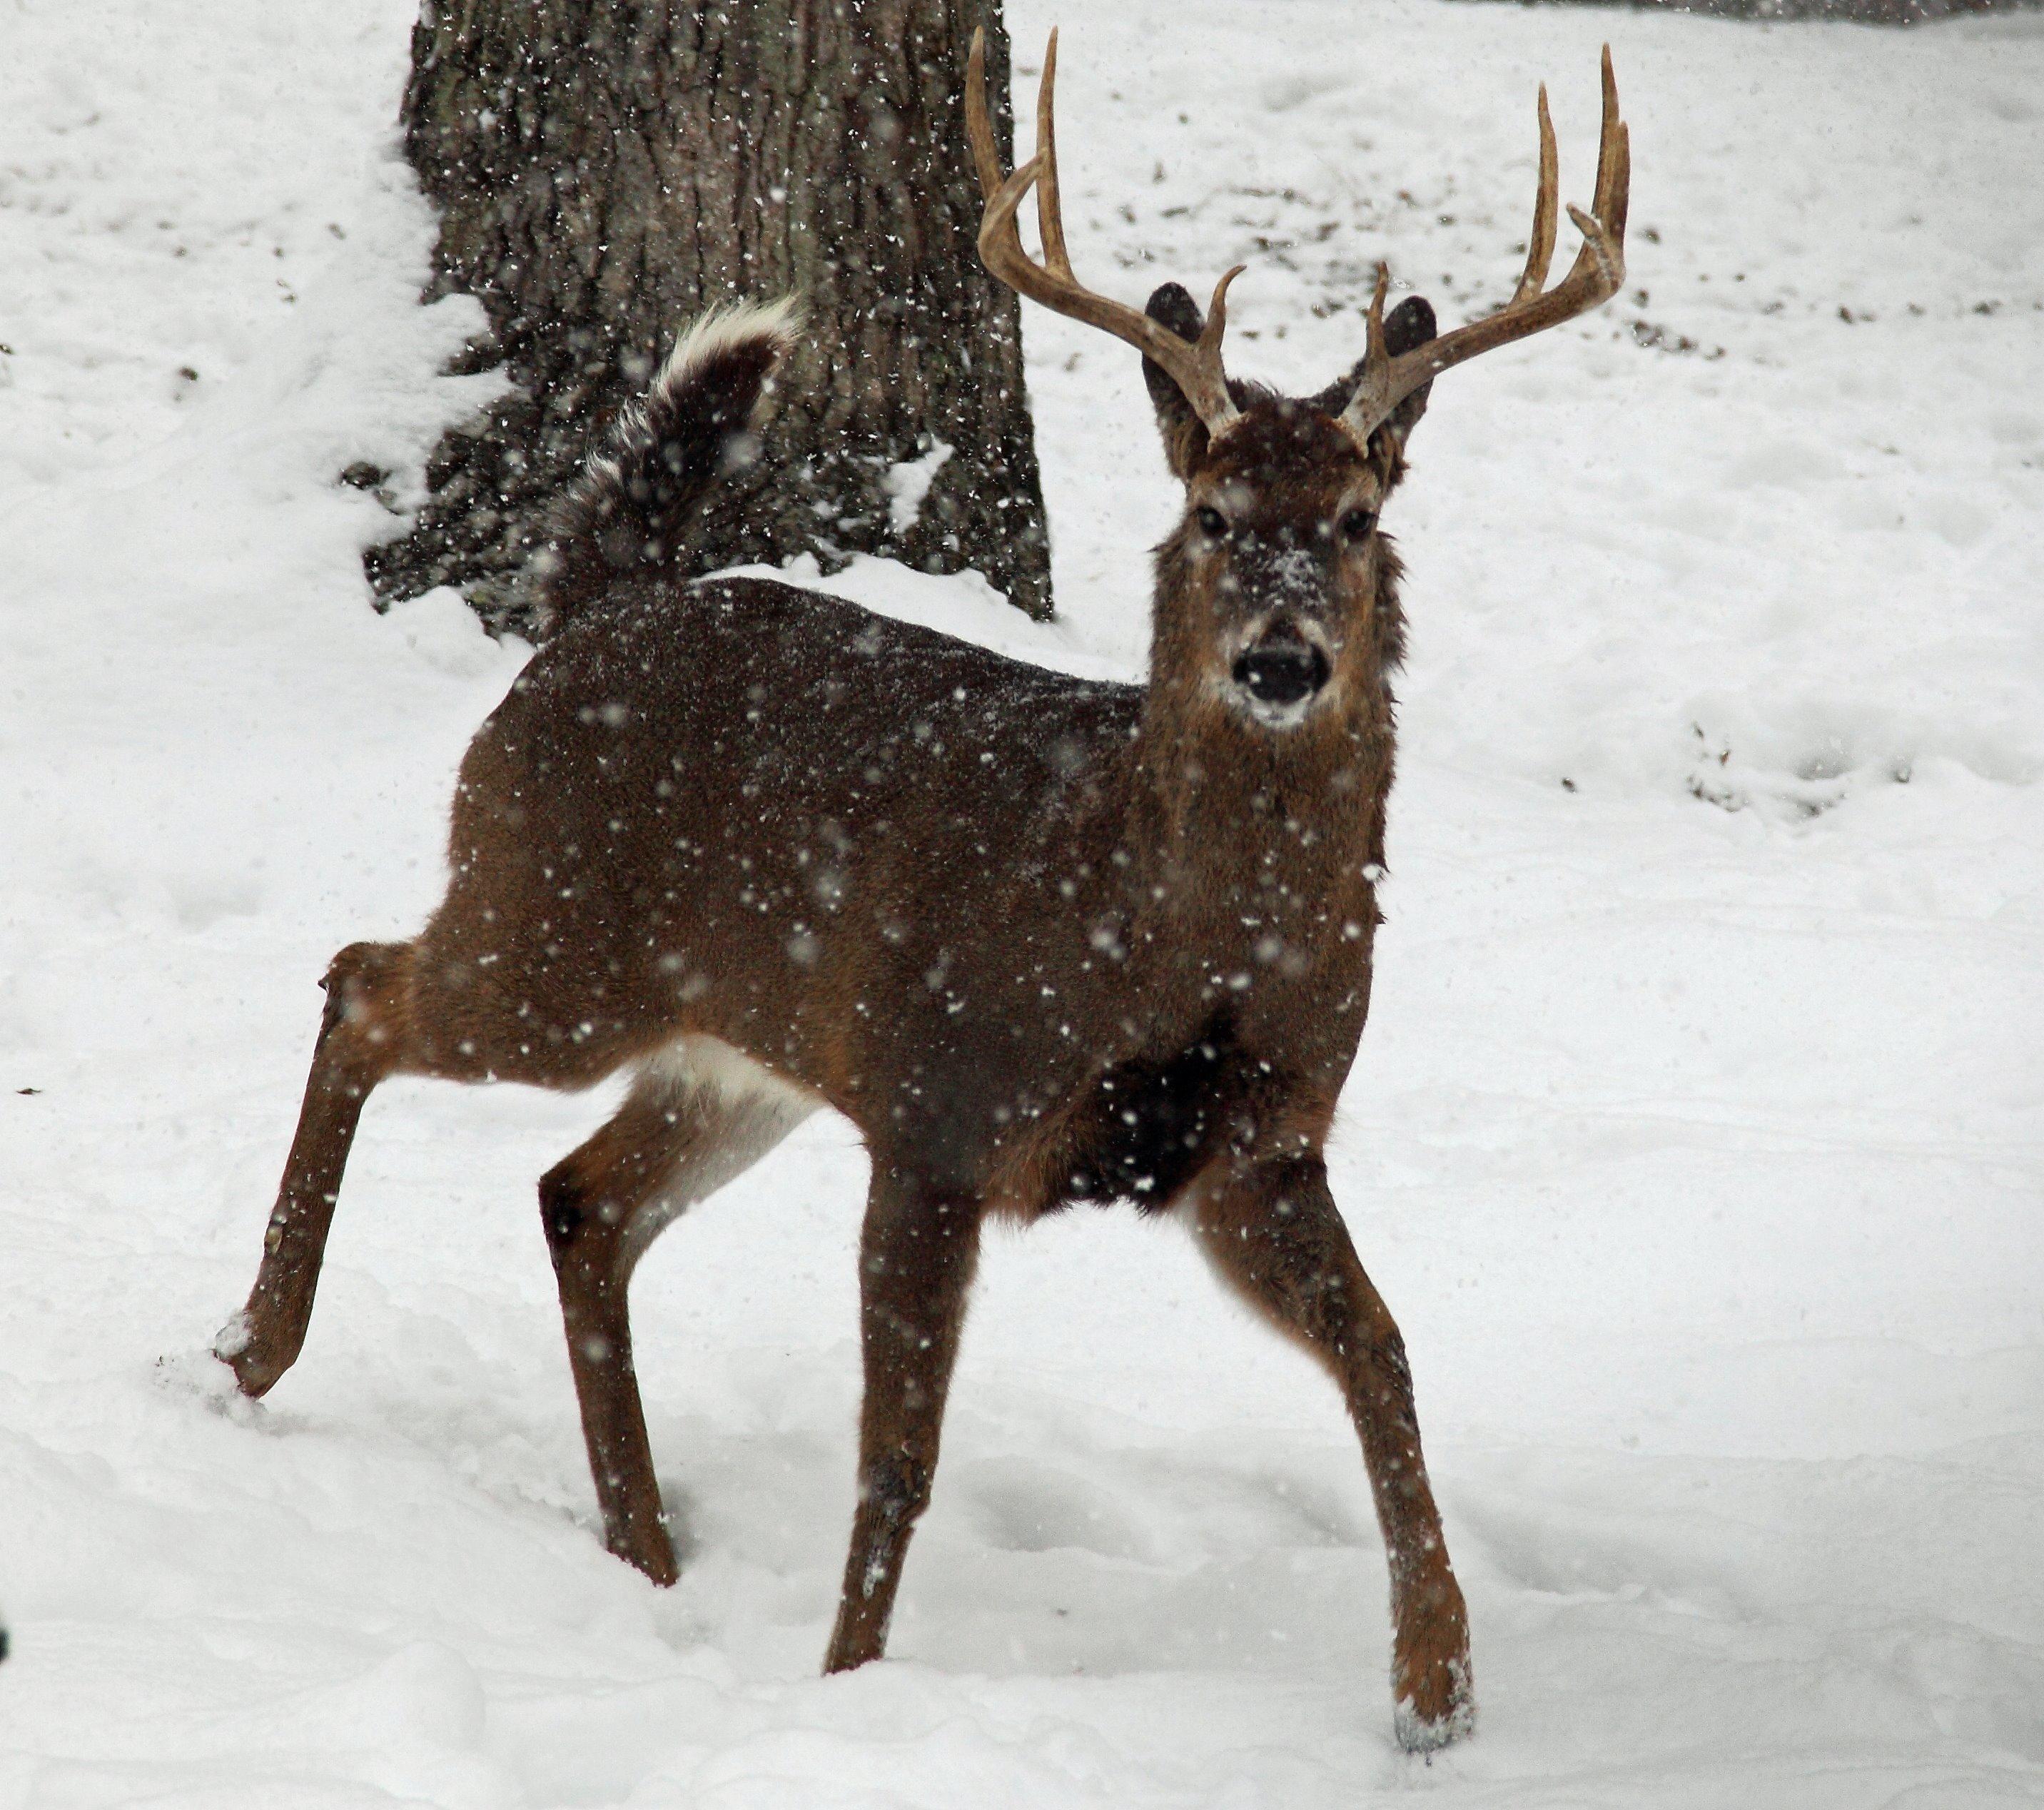 Whitetail-deer-buck-snow-falling_-_West_Virginia_-_ForestWander.jpg